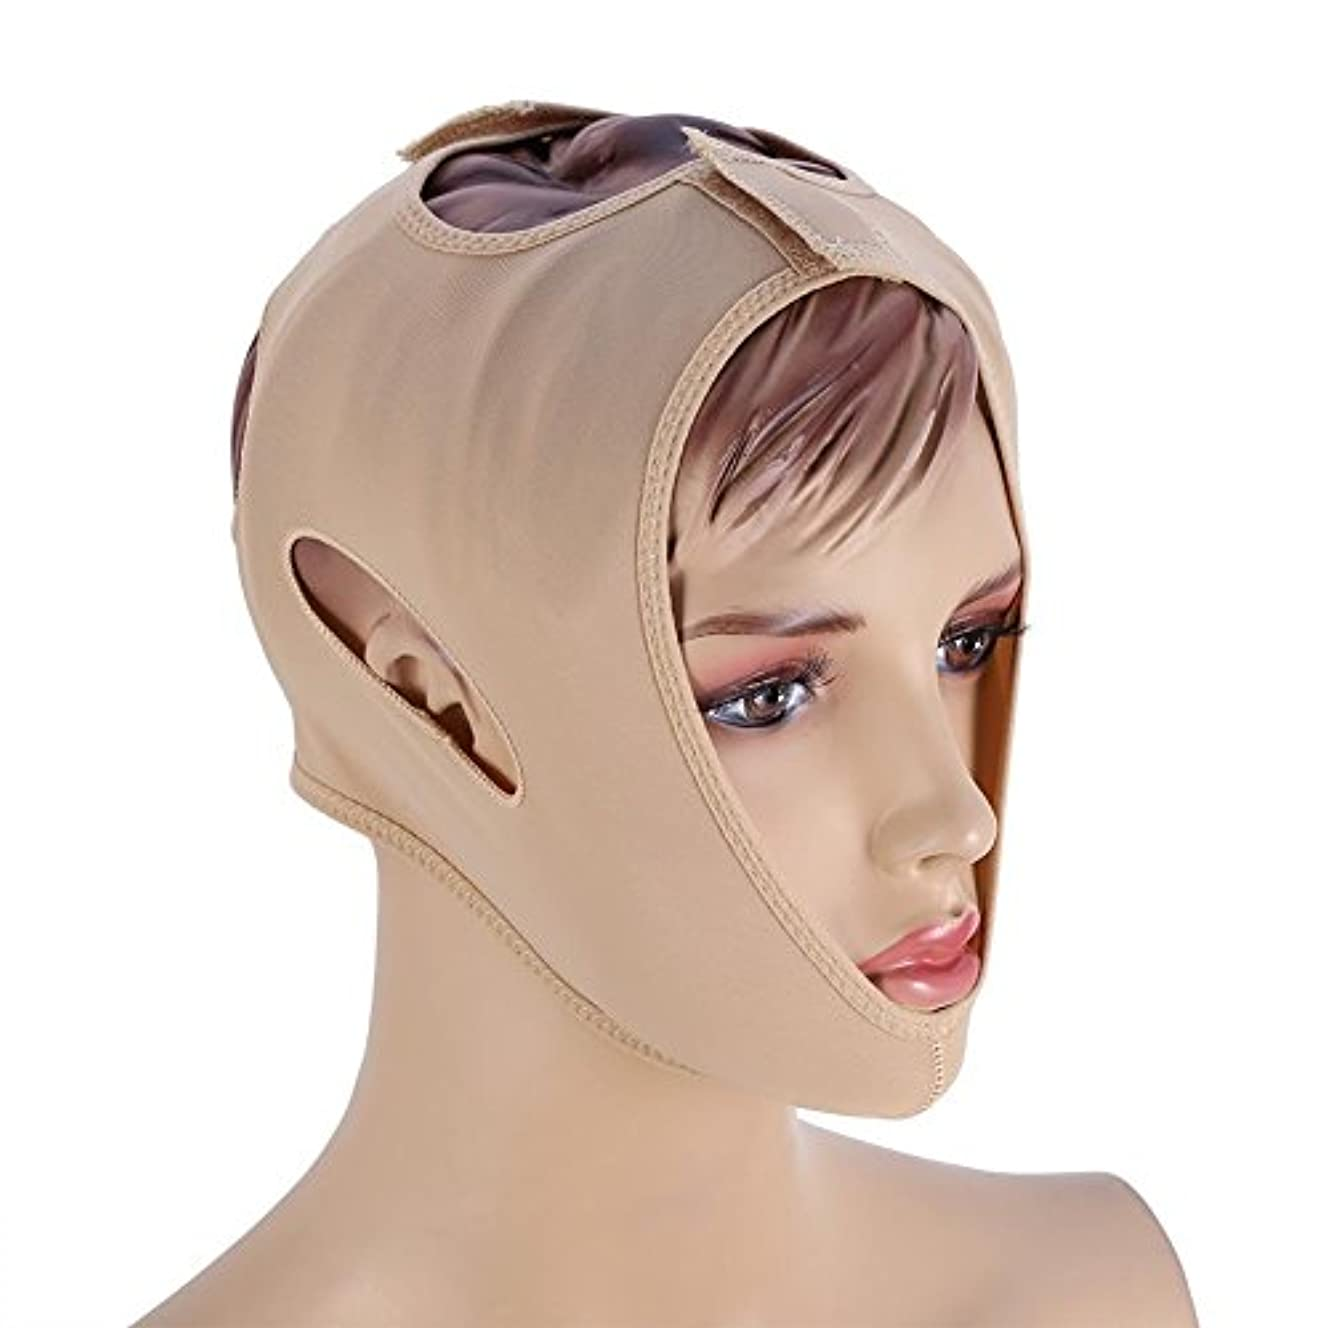 贅沢キリン砲撃フェイスベルト 額、顎下、頬リフトアップ 小顔 美顔 頬のたるみ 引き上げマスク便利 伸縮性 繊維 (L码)